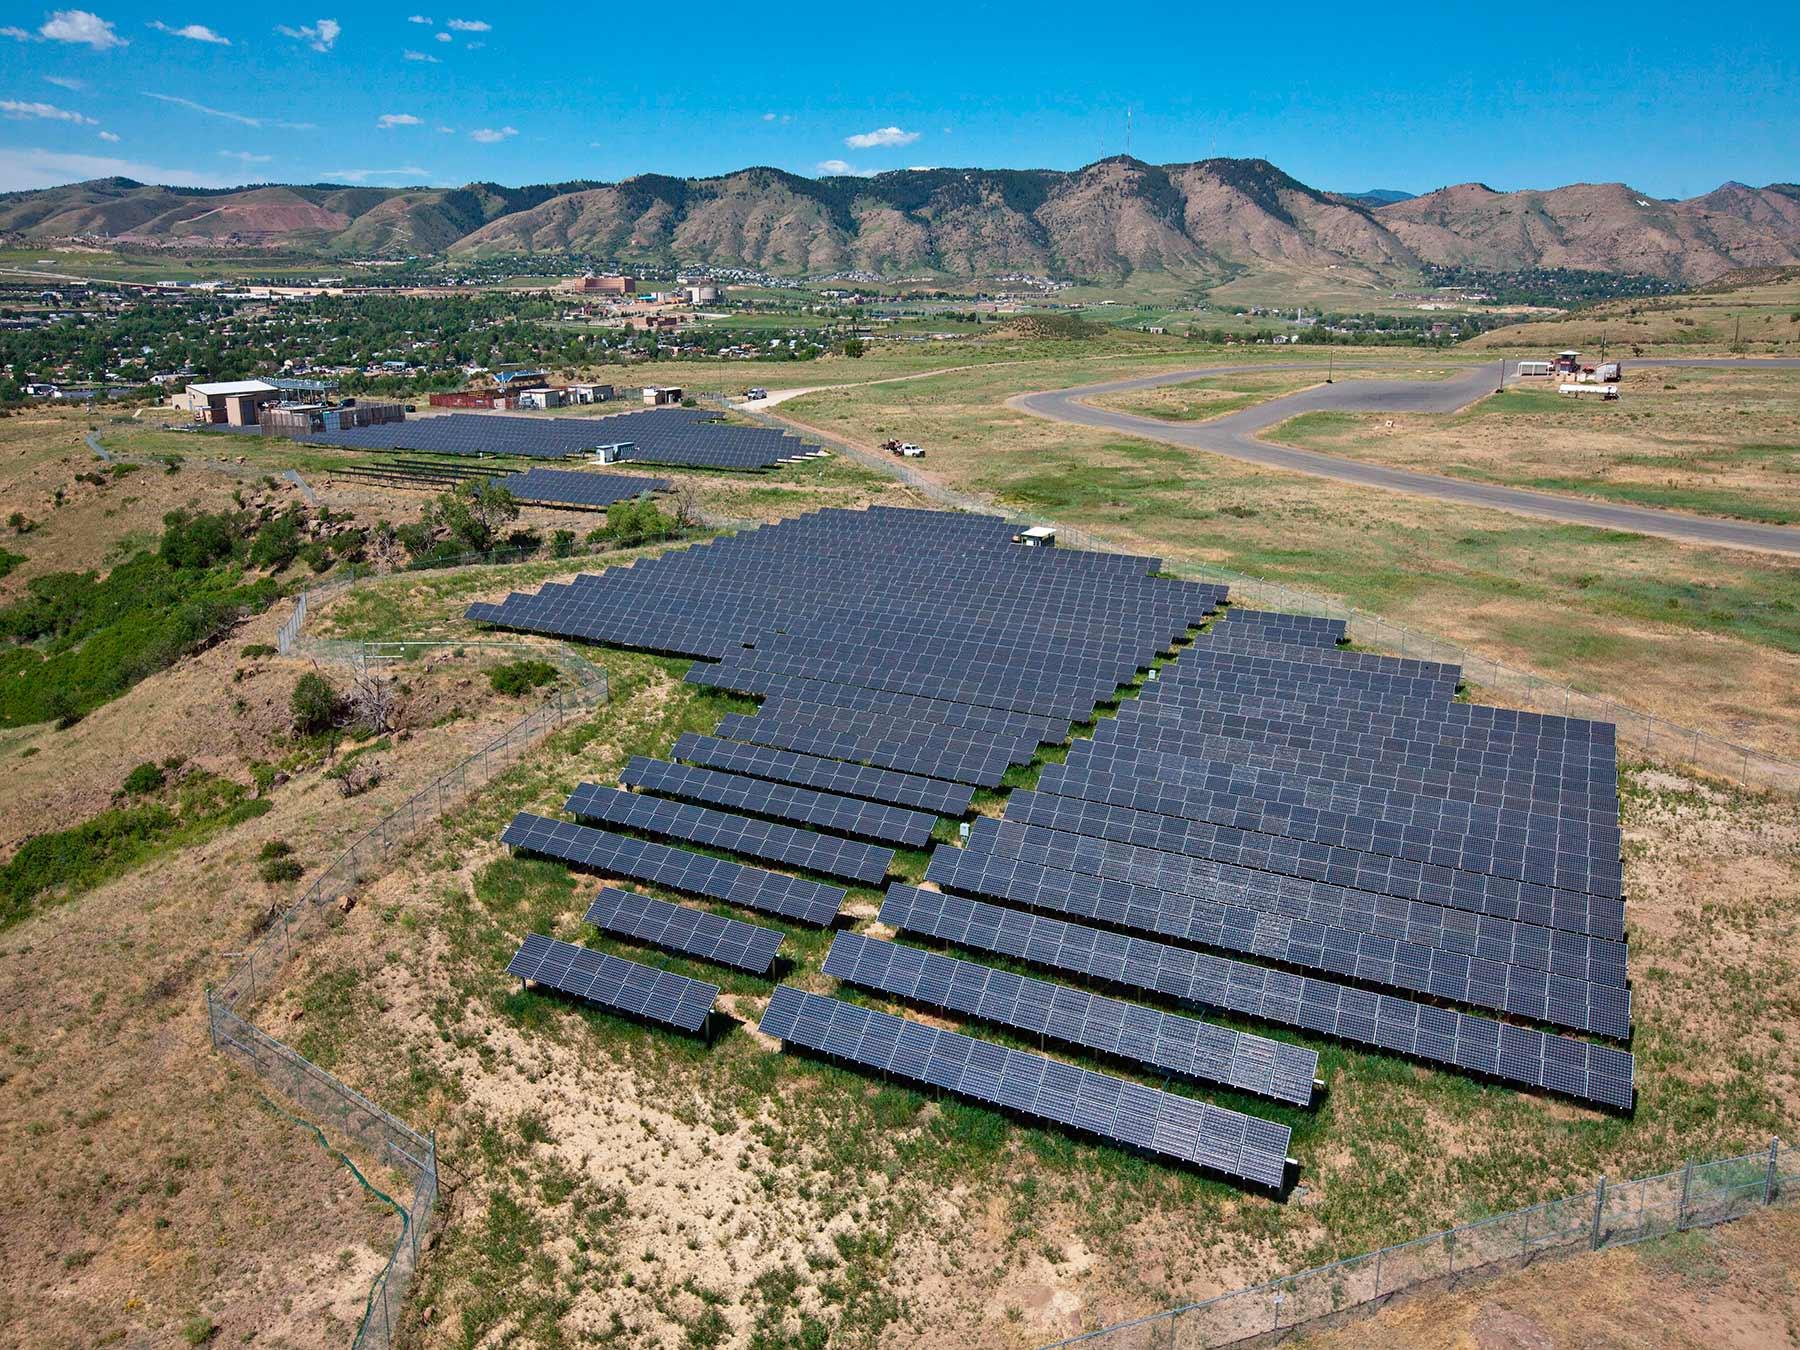 Фото: Локальна сонячна електростанція у розподіленій мережі, що поєднана із загальною стаціонарною електромережею, спільнота у South Table Mountain («Південна столова гора», Колорадо, США). Проект реалізовано за підтримки Міністерства енергетики США (U.S. Department of Energy, DOE).